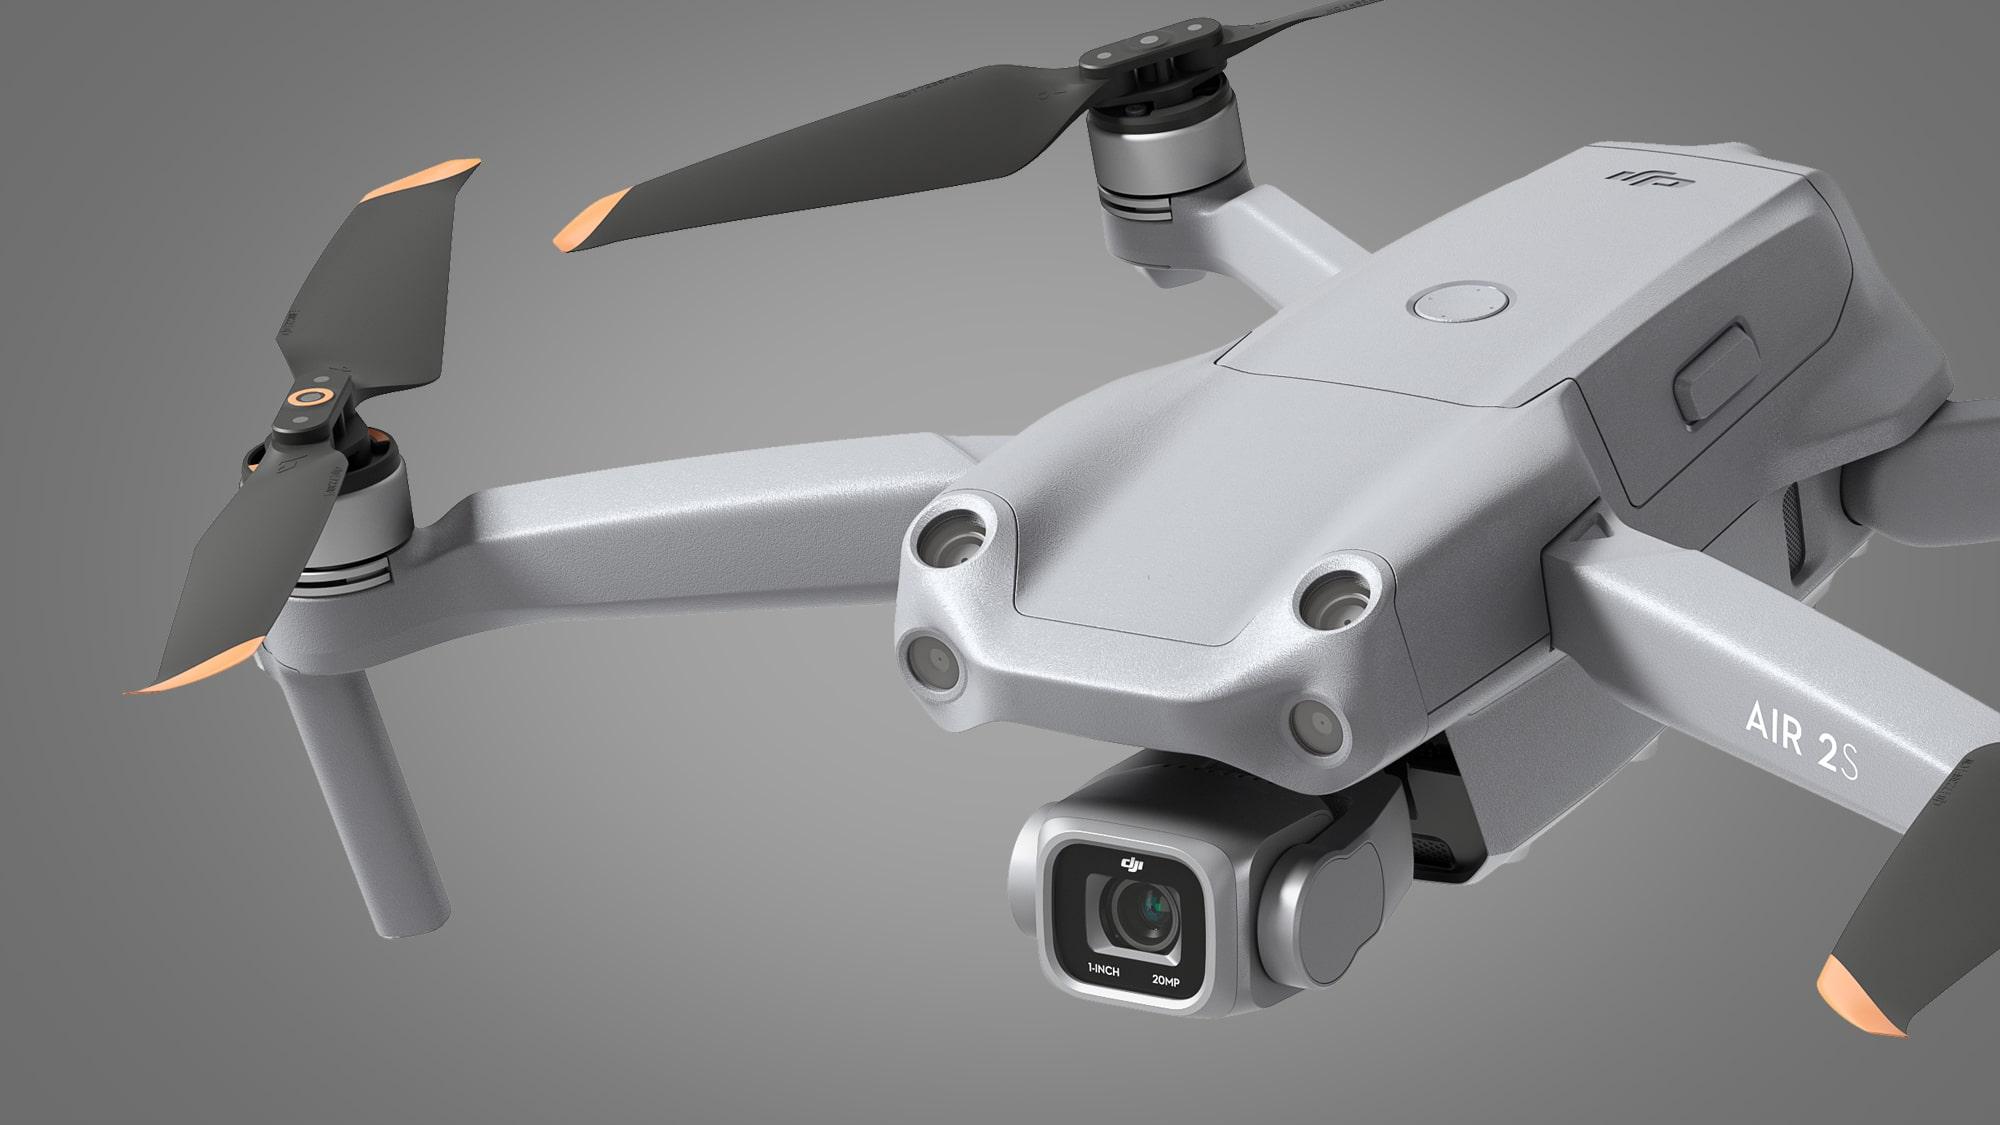 BEST TOP 5 DRONE DEALS 2021